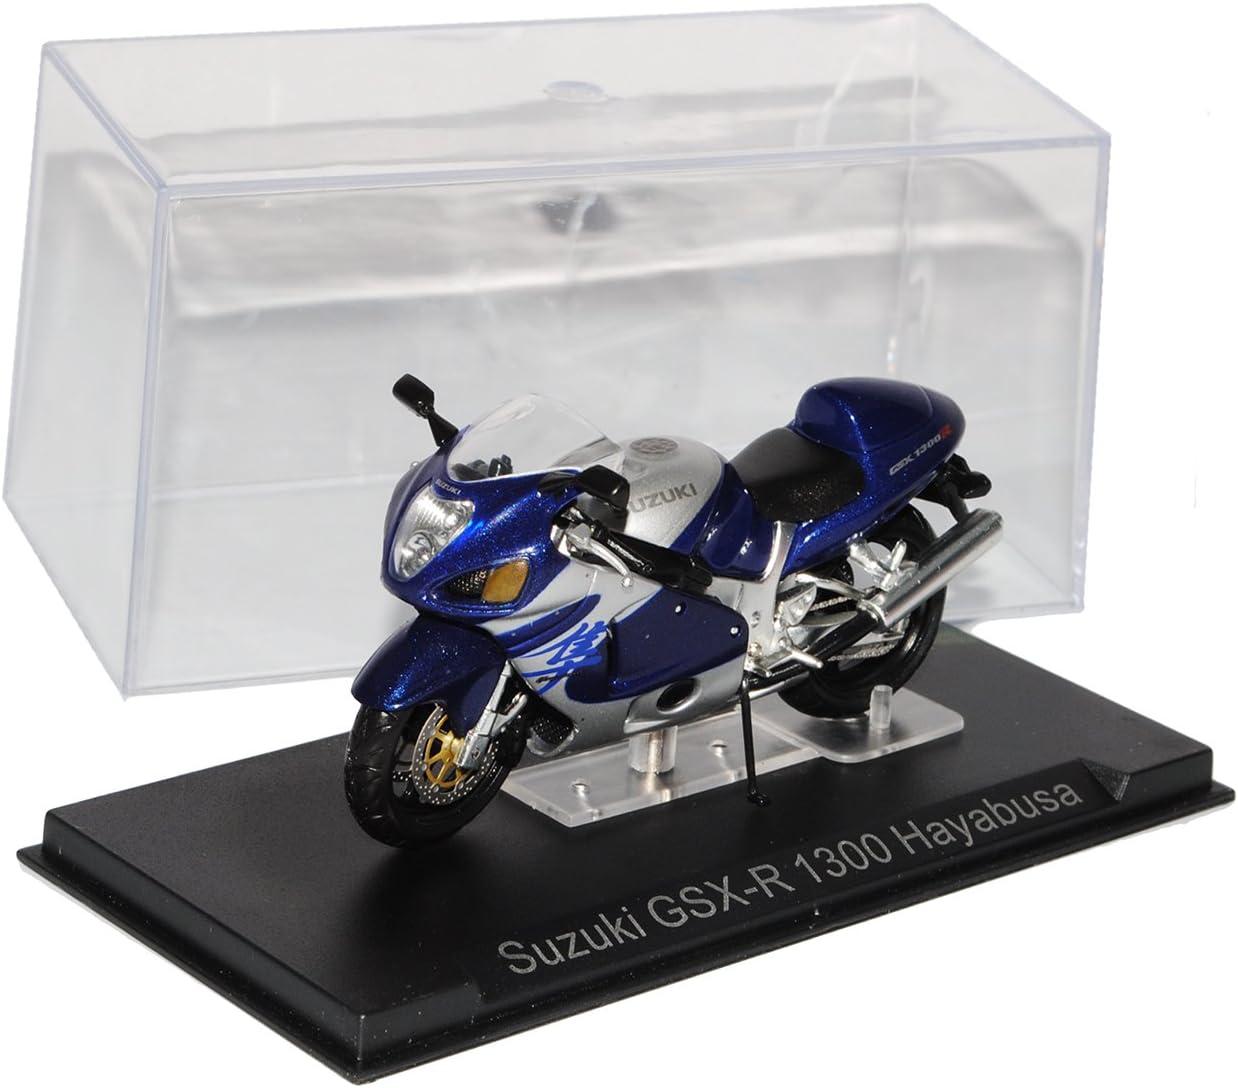 Ixo Suzuki GSX-R 1300 Hayabusa Blau Silber 1//24 Modellcarsonline Modell Motorrad mit individiuellem Wunschkennzeichen